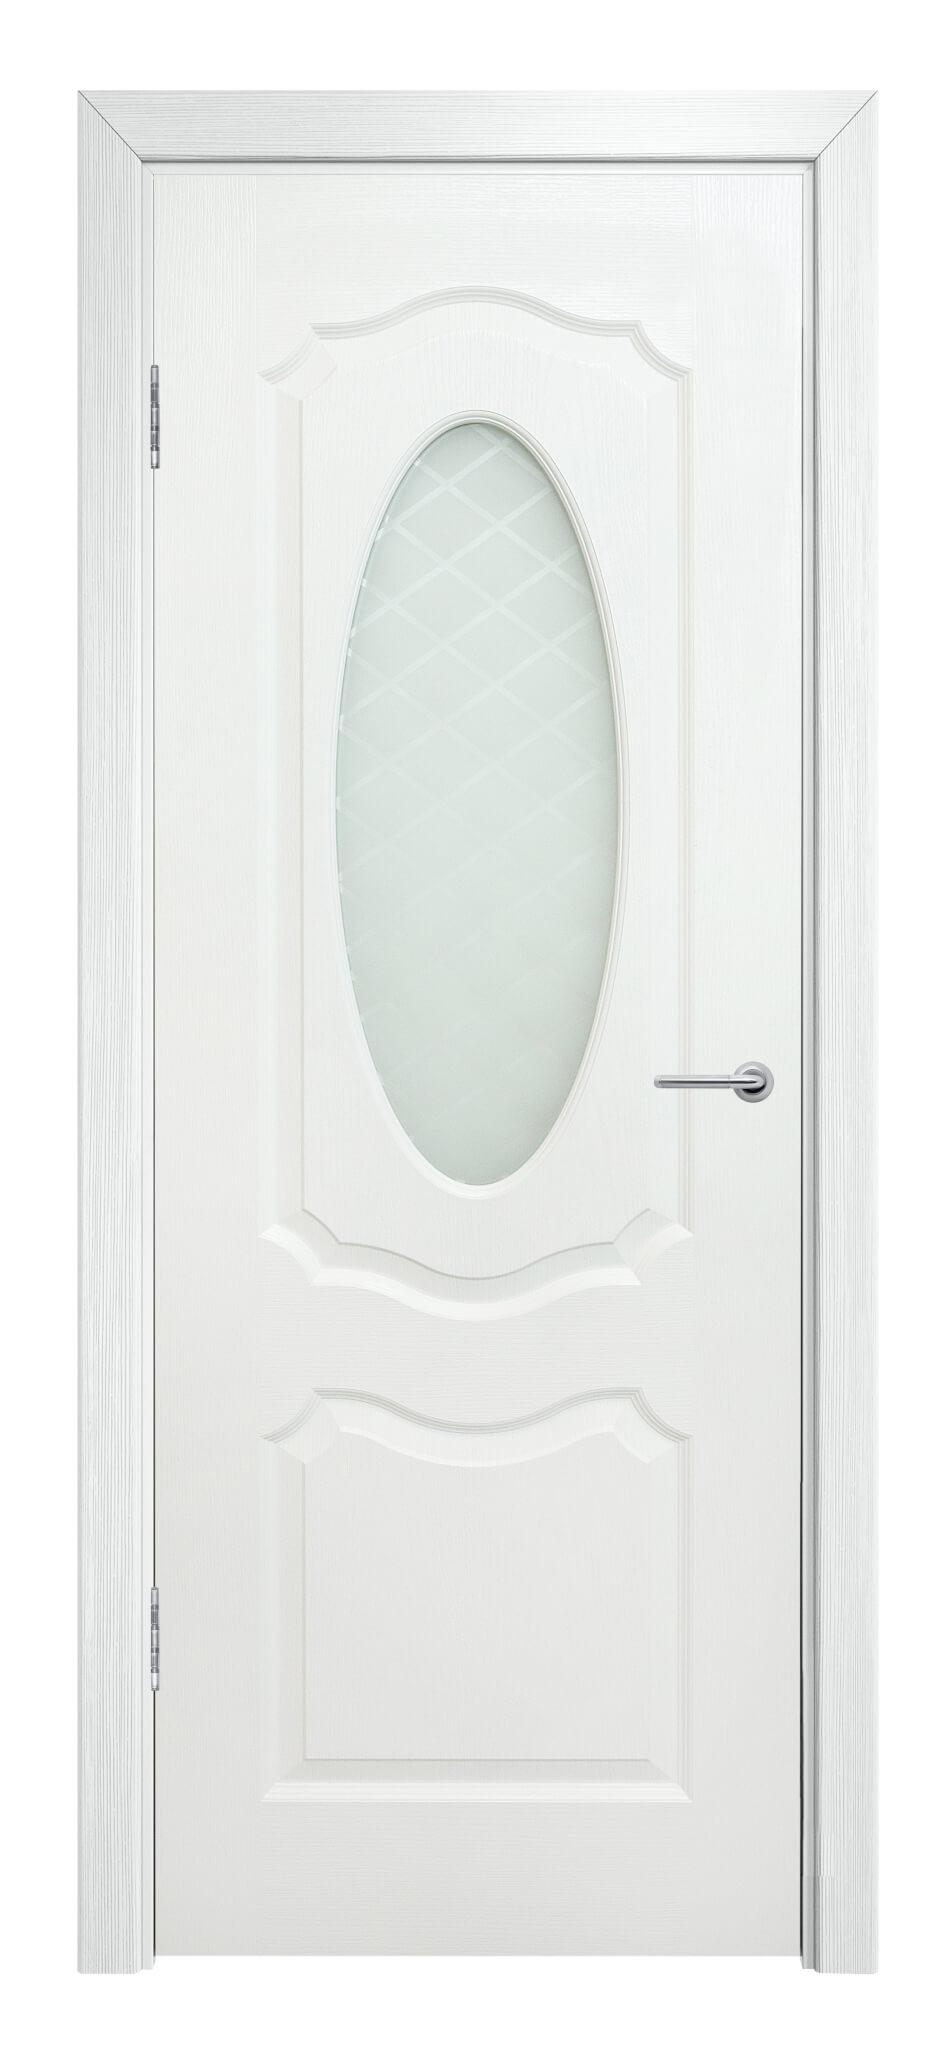 kupit dver-klassika-8-2